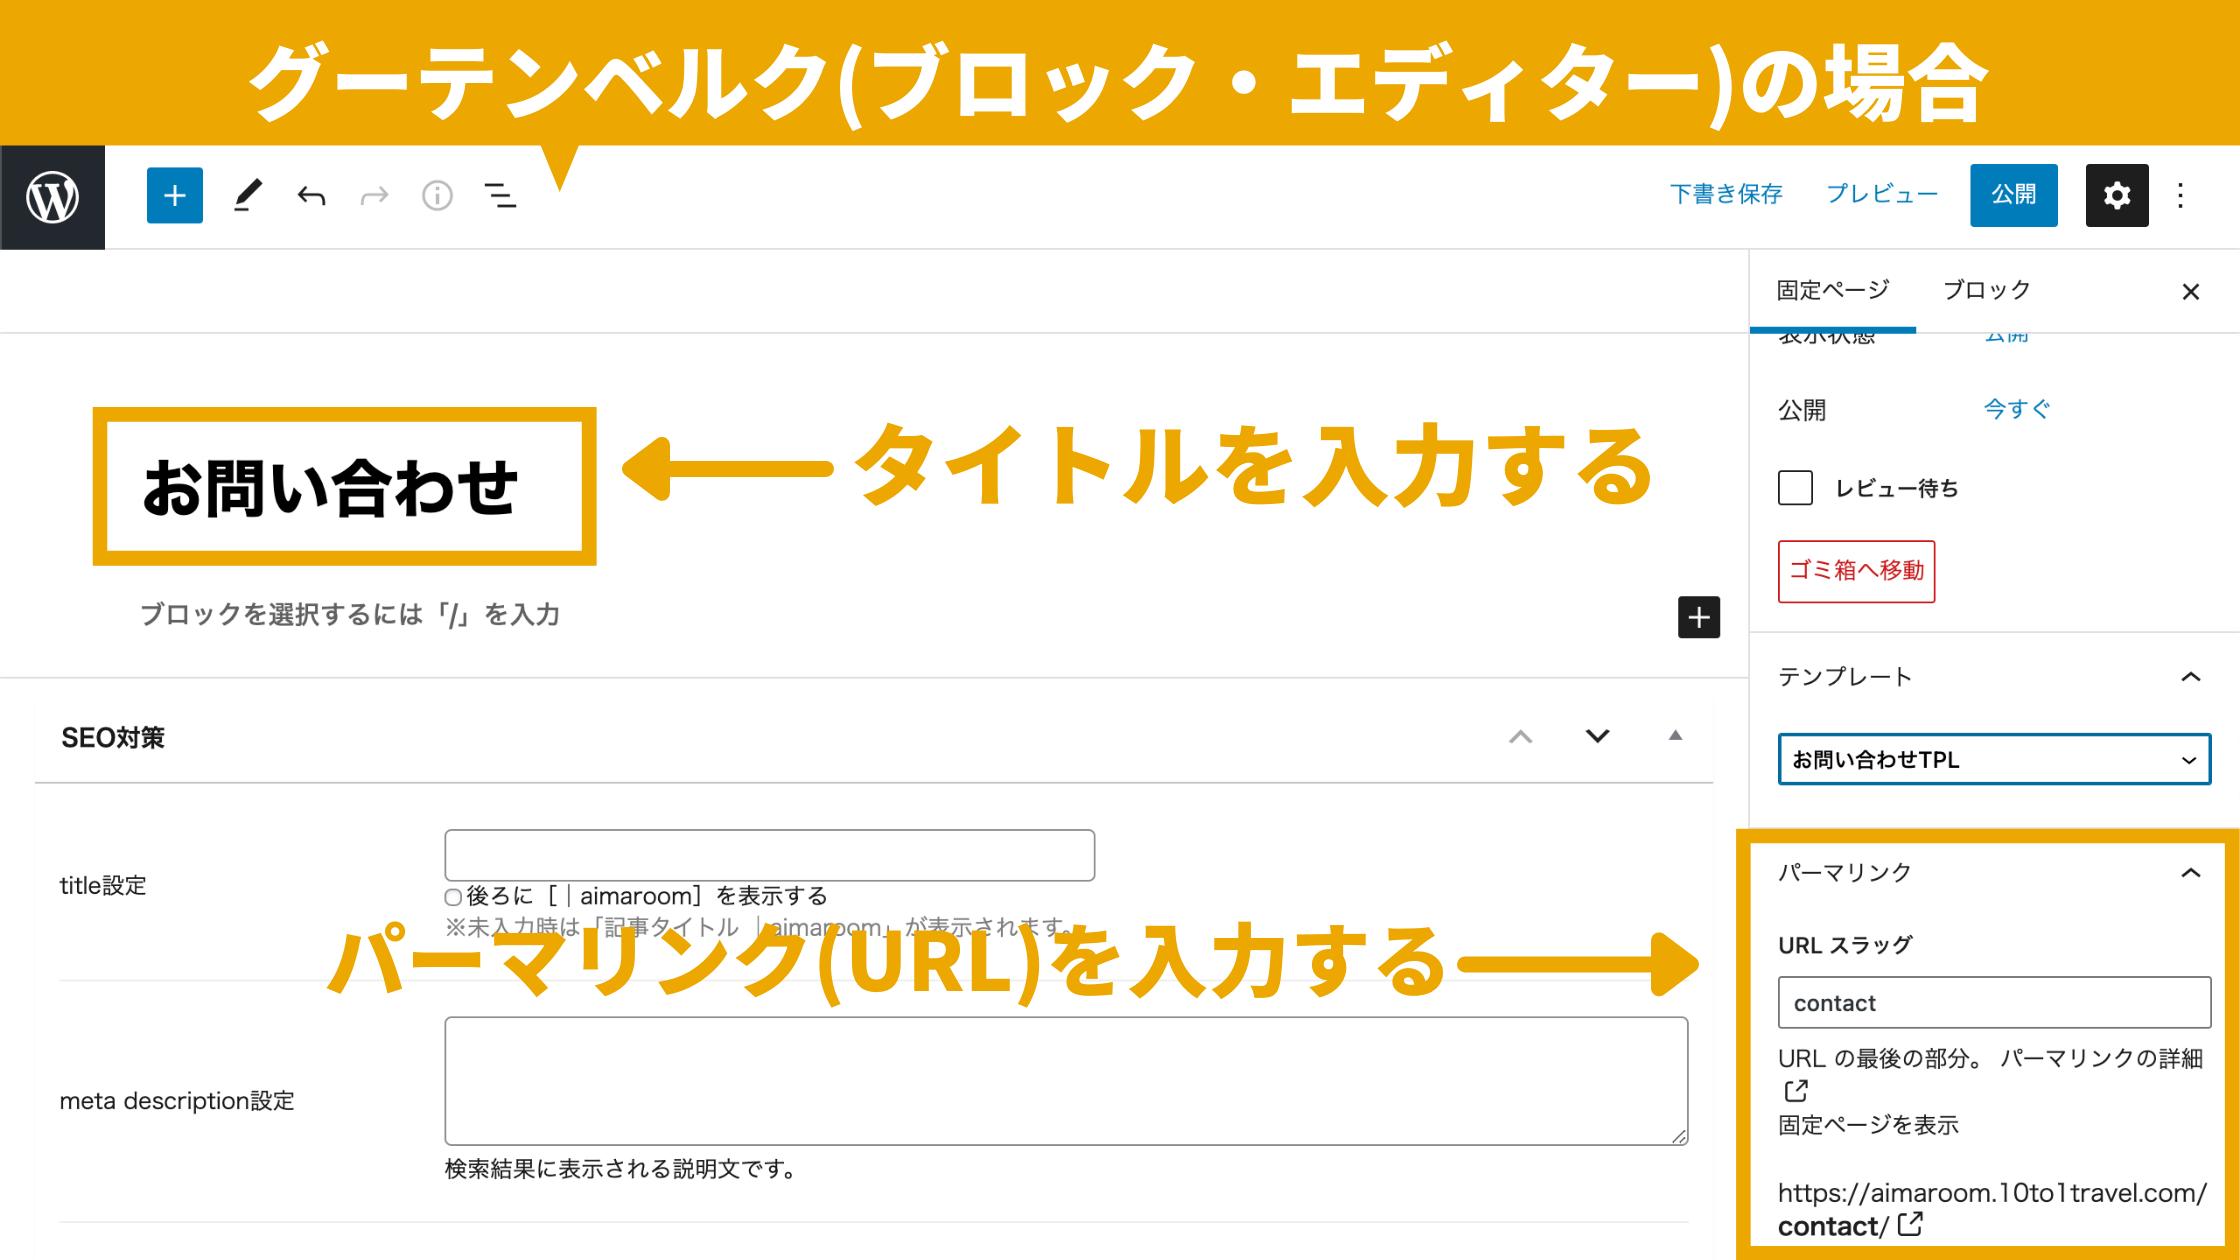 グーテンベルク(ブロックエディター)でお問い合わせフォームのタイトルと URLを設定する